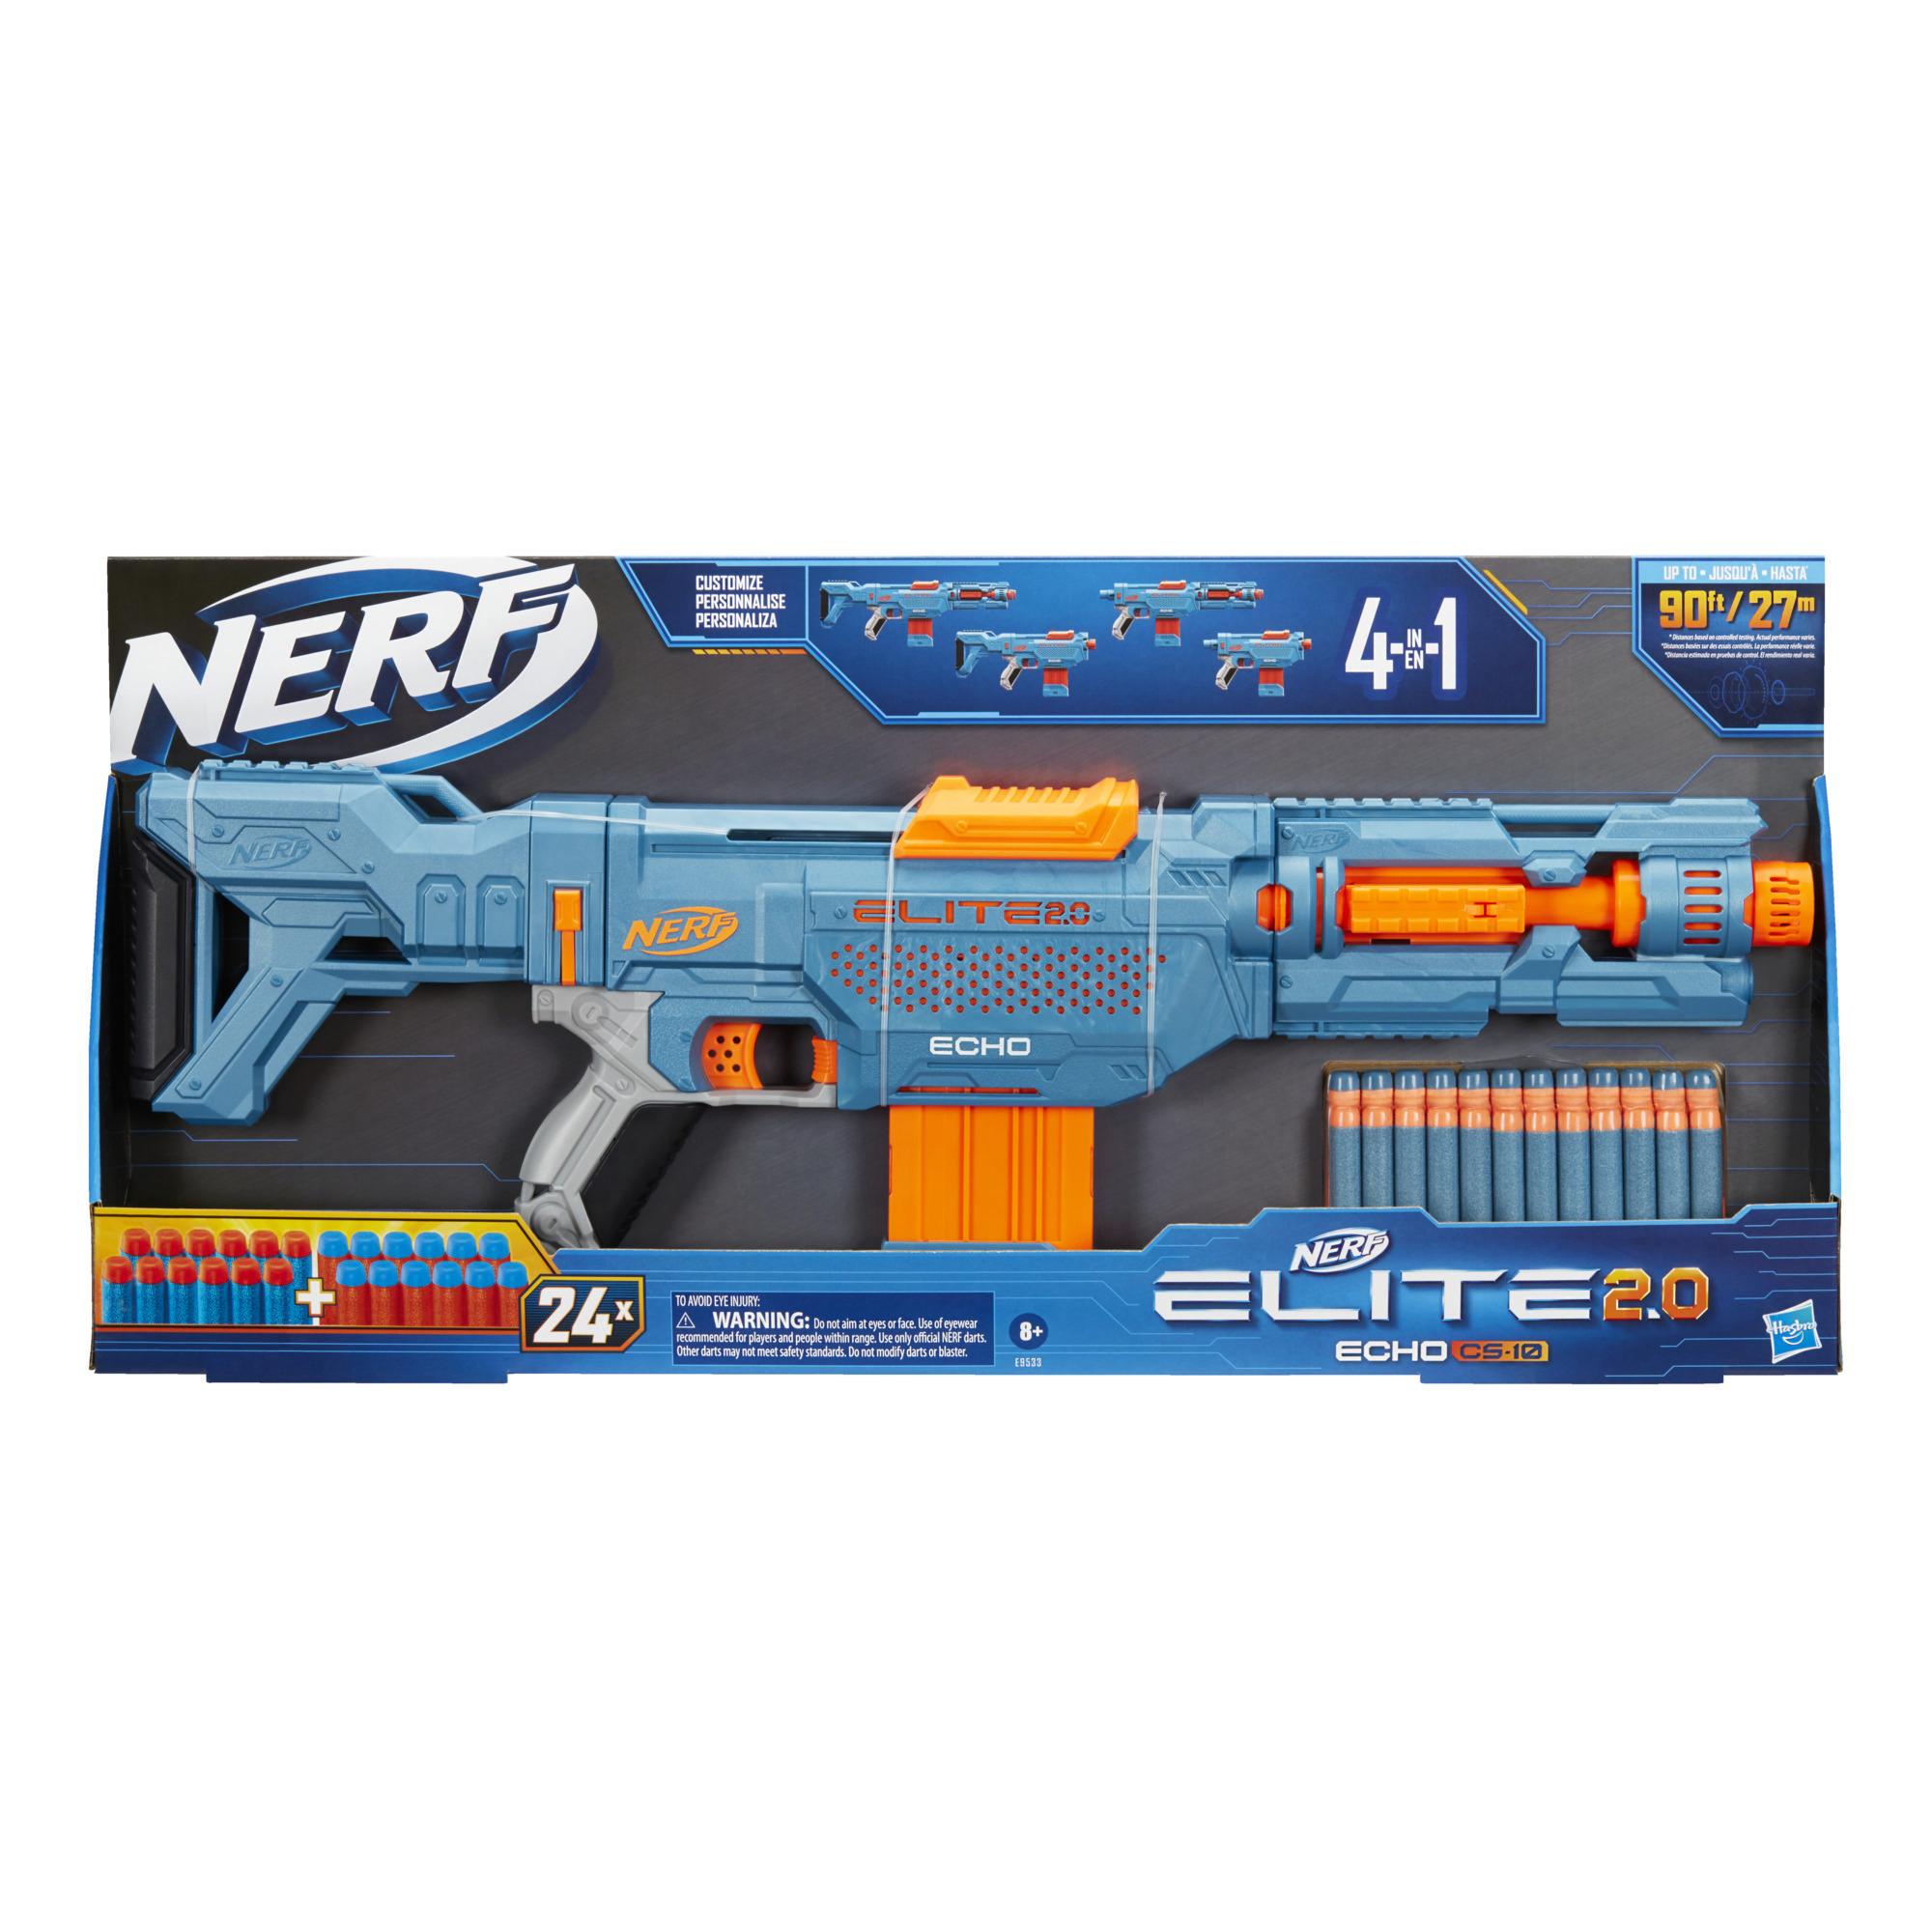 Nerf Elite 2.0 Echo CS-10 Blaster – 24 Nerf-pilar, magasin för 10 pilar, löstagbar kolv- och pipförlängning, 4 taktiska formplattor